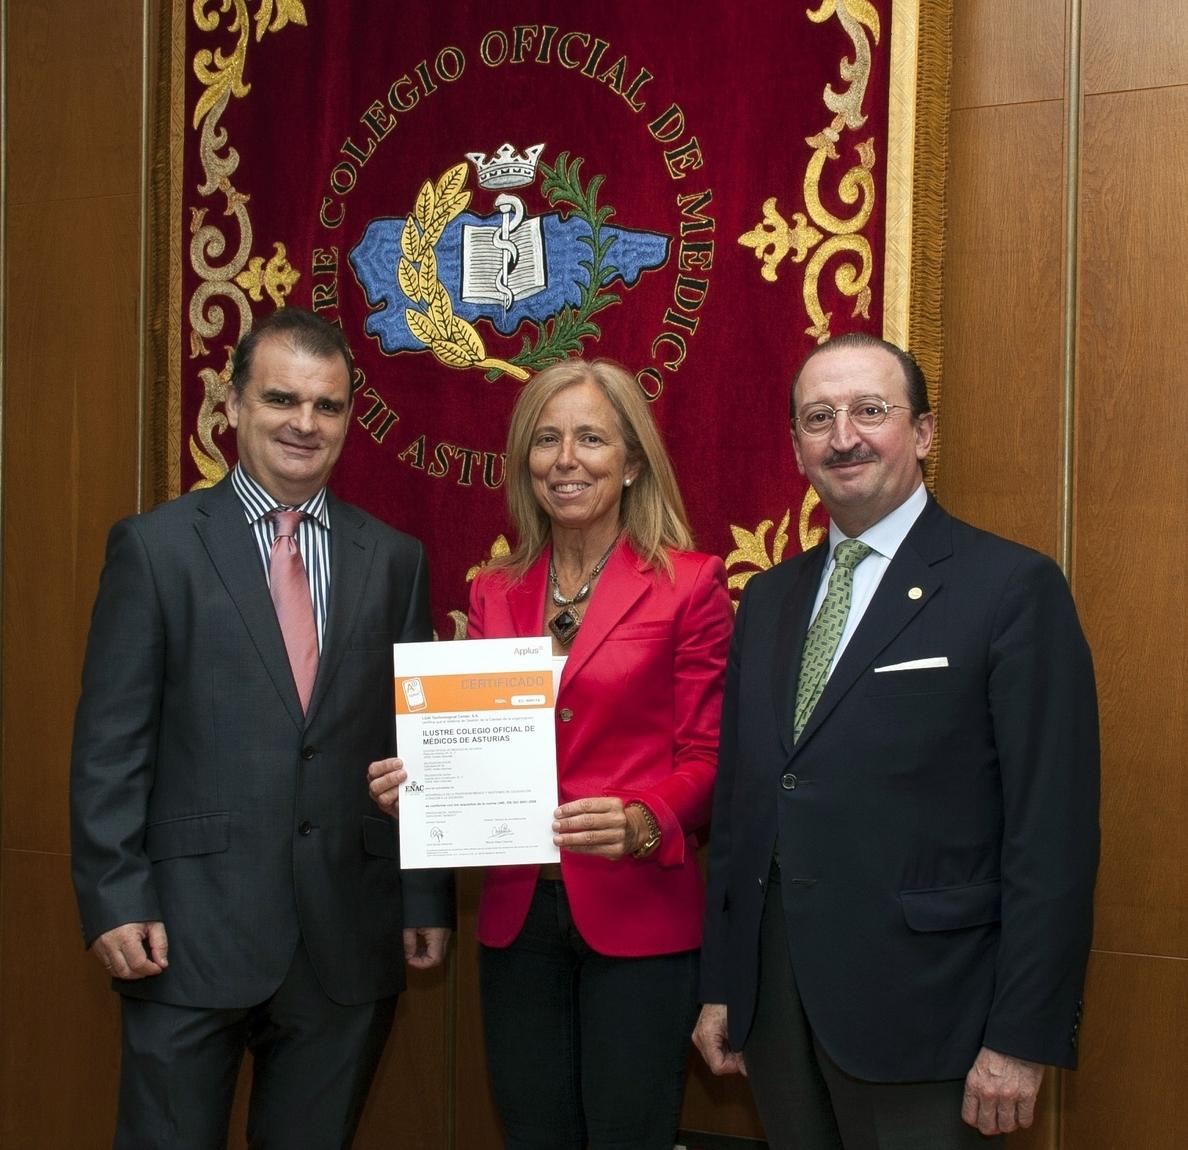 El Colegio Oficial de Médicos de Asturias recibe el certificado de calidad ISO